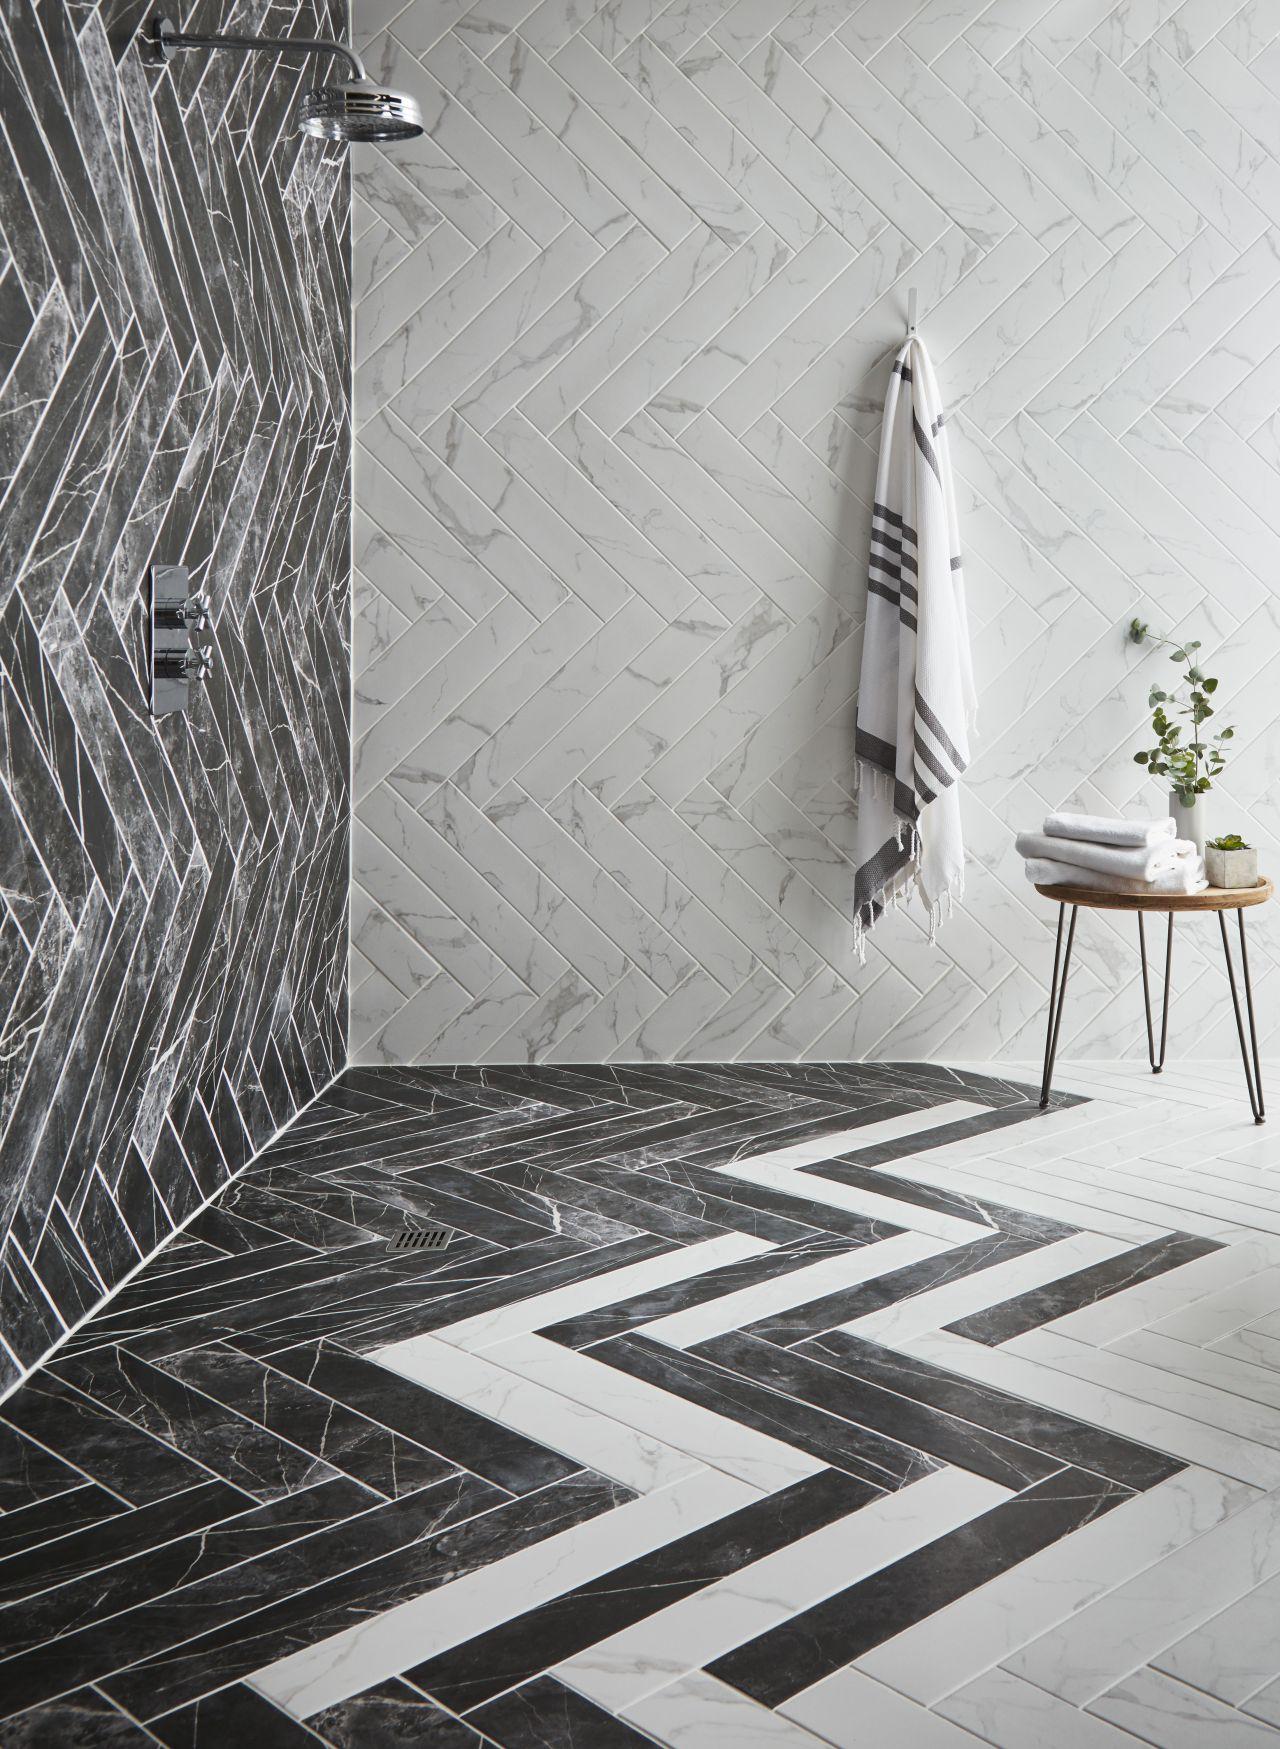 Siyah beyaz Banyo Tasarımı Fikirleri